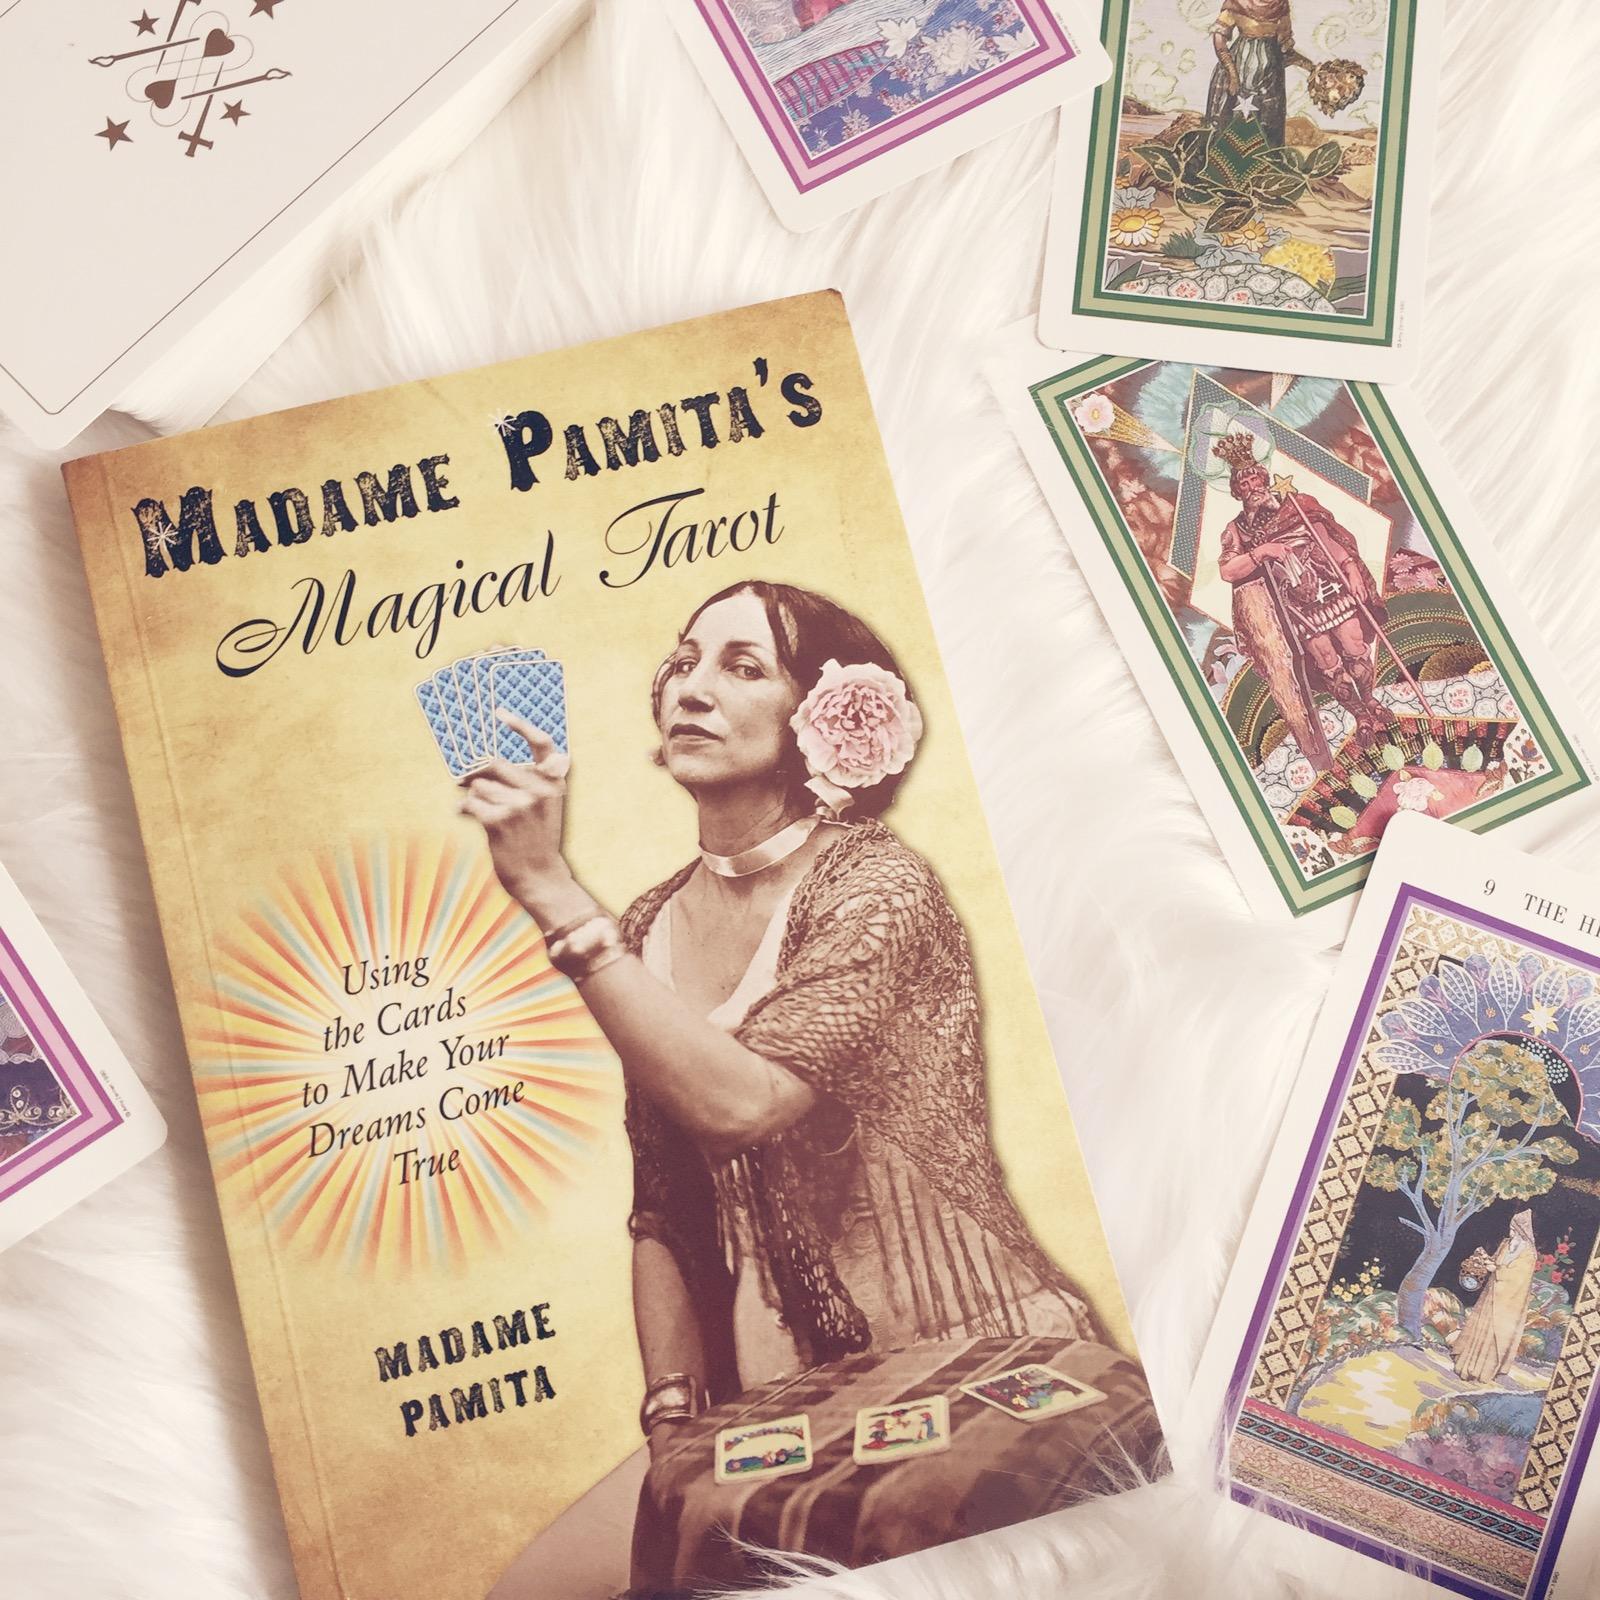 Madam Pamita's Magical Tarot